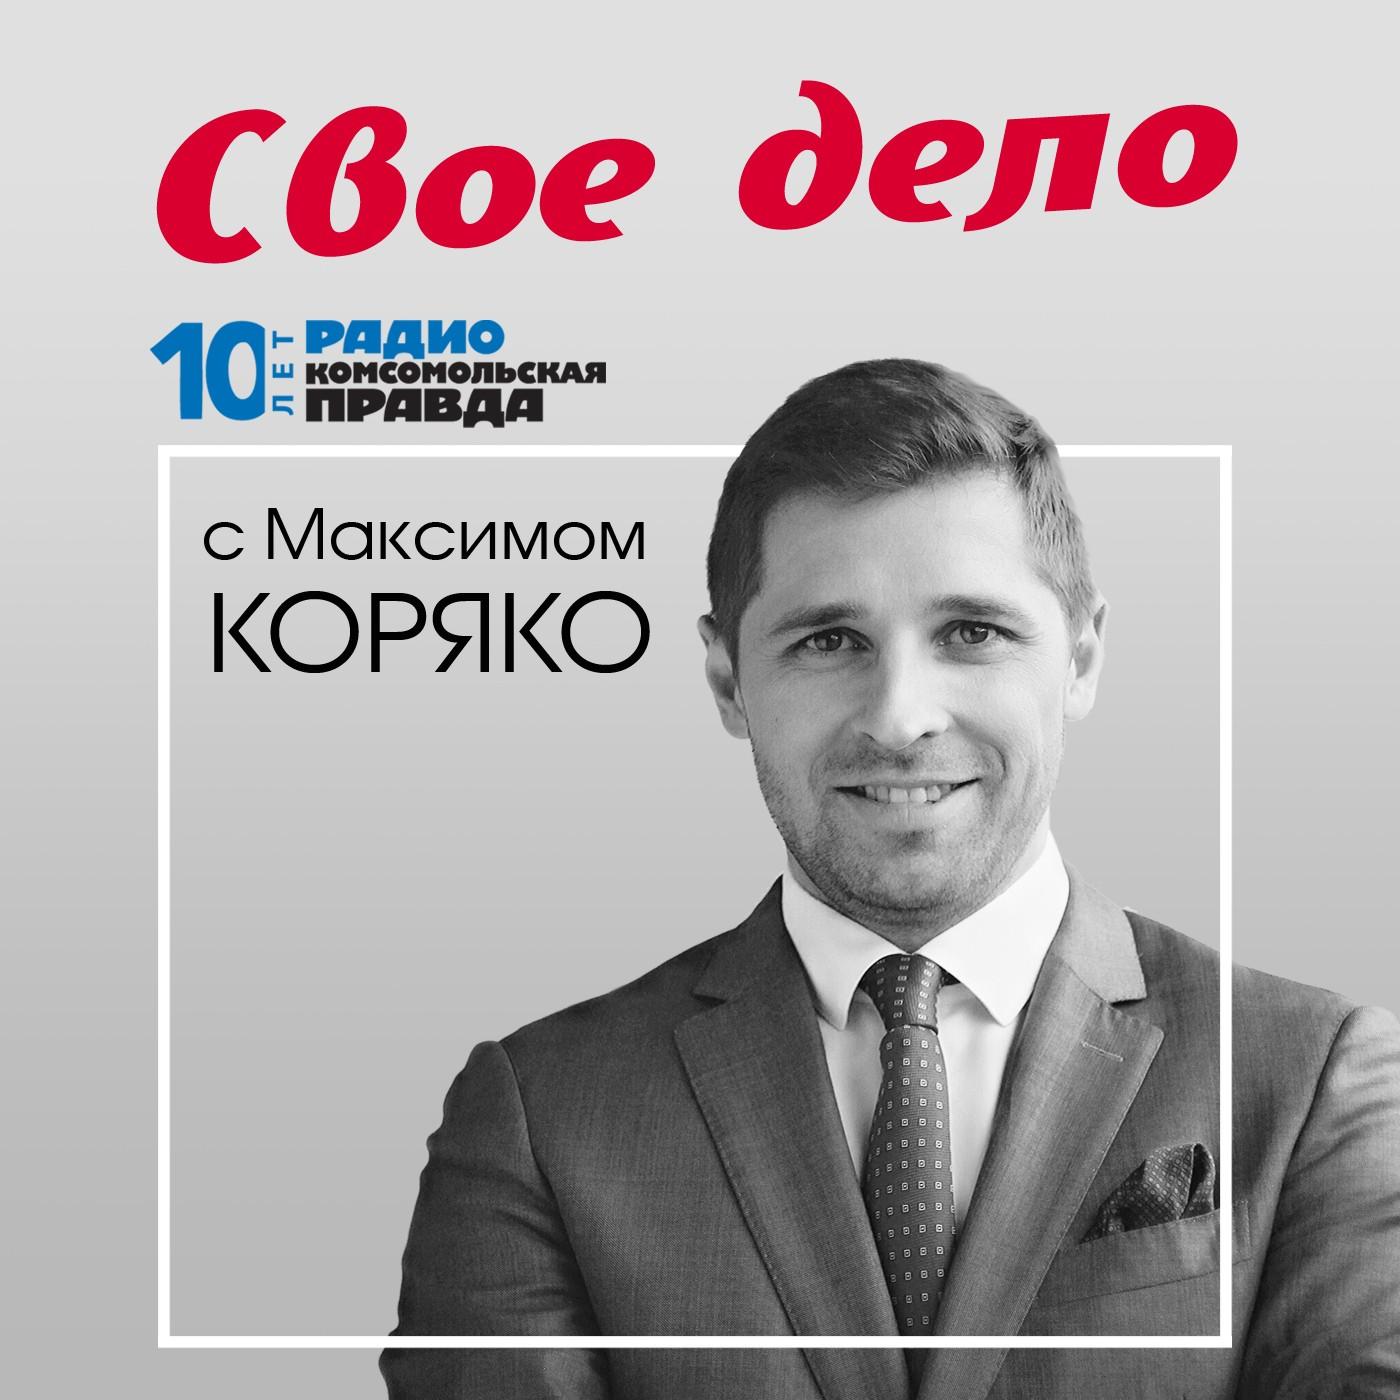 Радио «Комсомольская правда» Вредные советы начинающим предпринимателям п н малитиков свой бизнес все что нужно знать начинающим предпринимателям